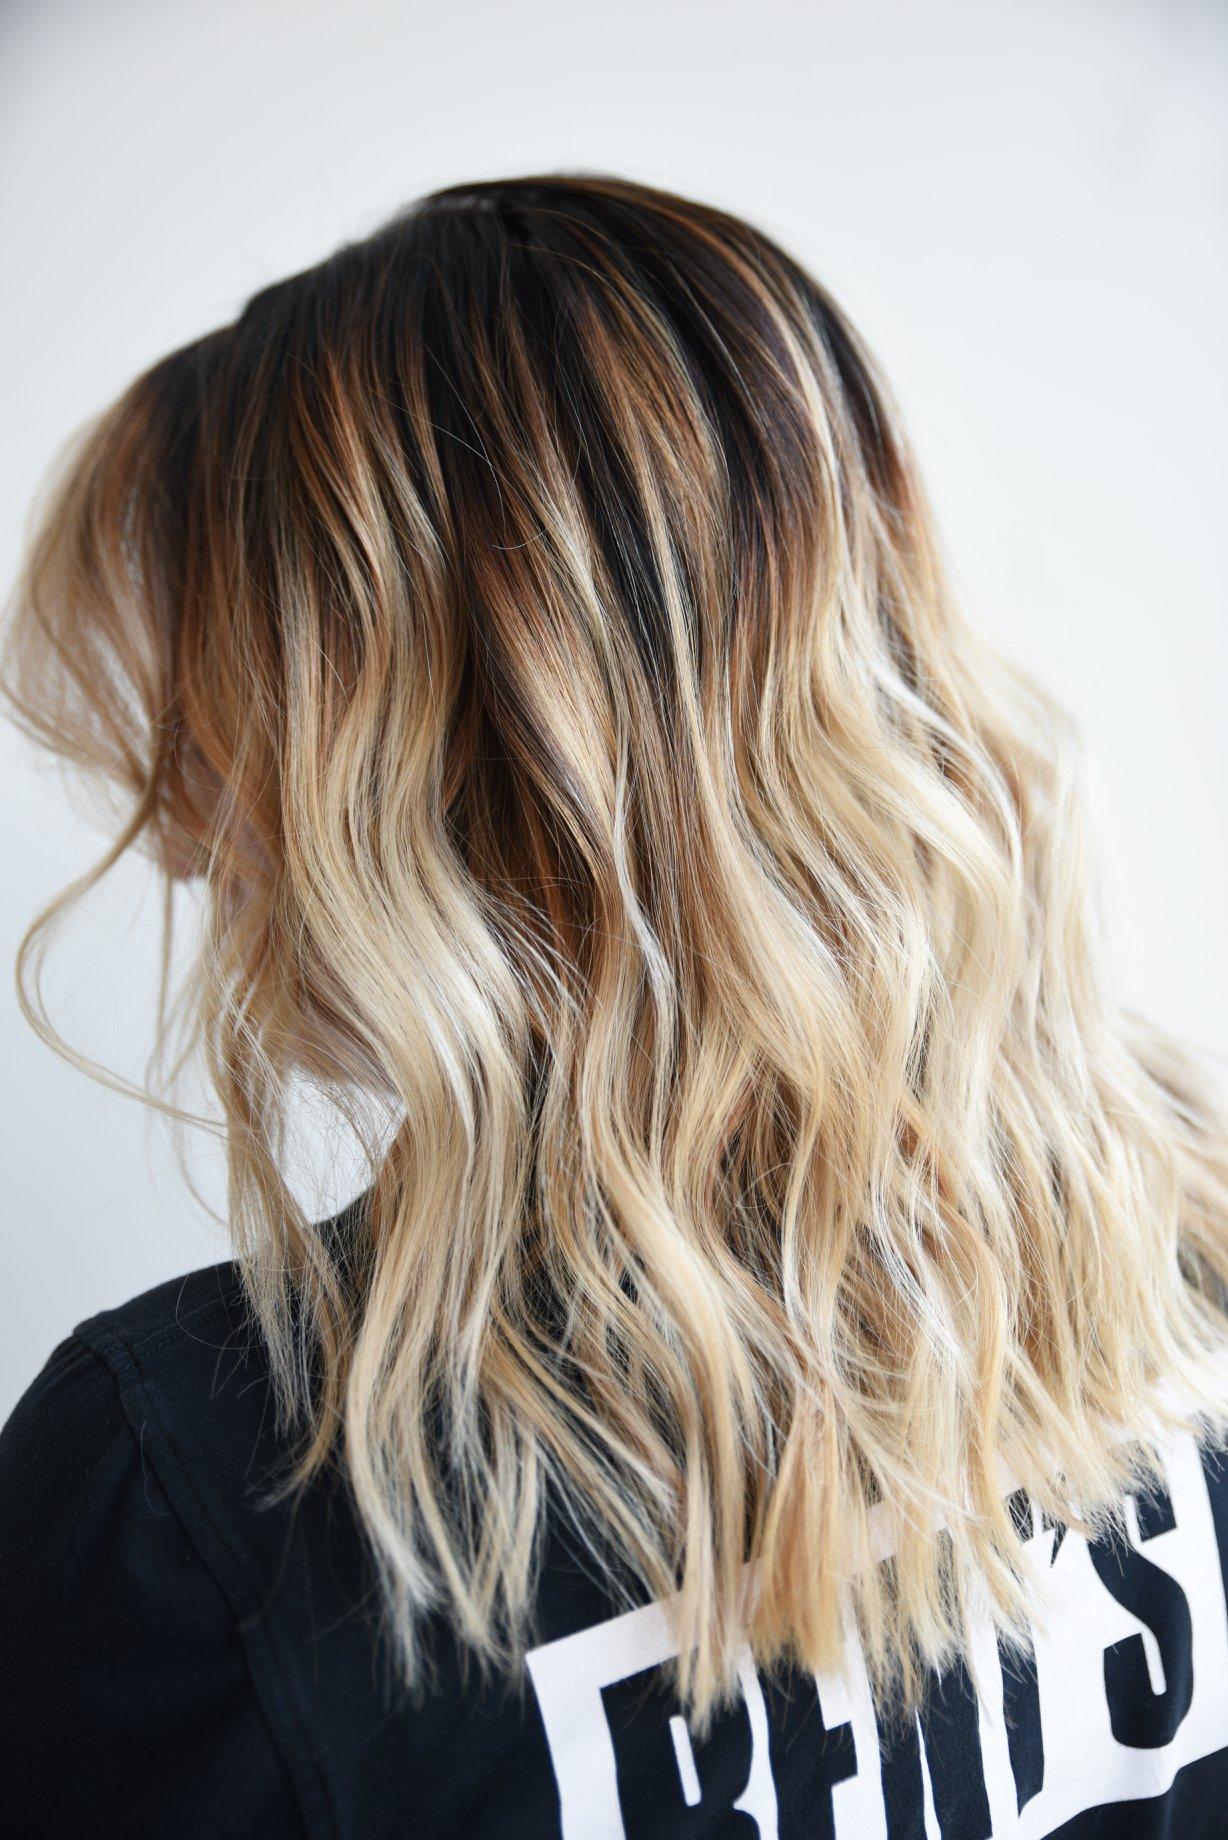 blonde and dark